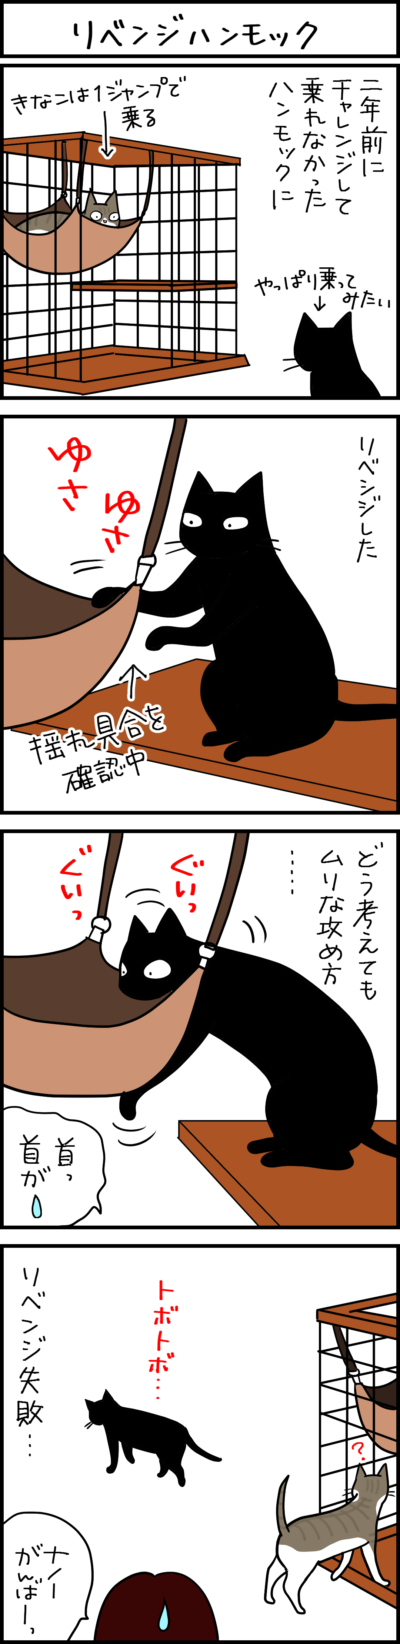 ハンモックに乗りたいけど乗れない黒猫の4コマ猫まんが